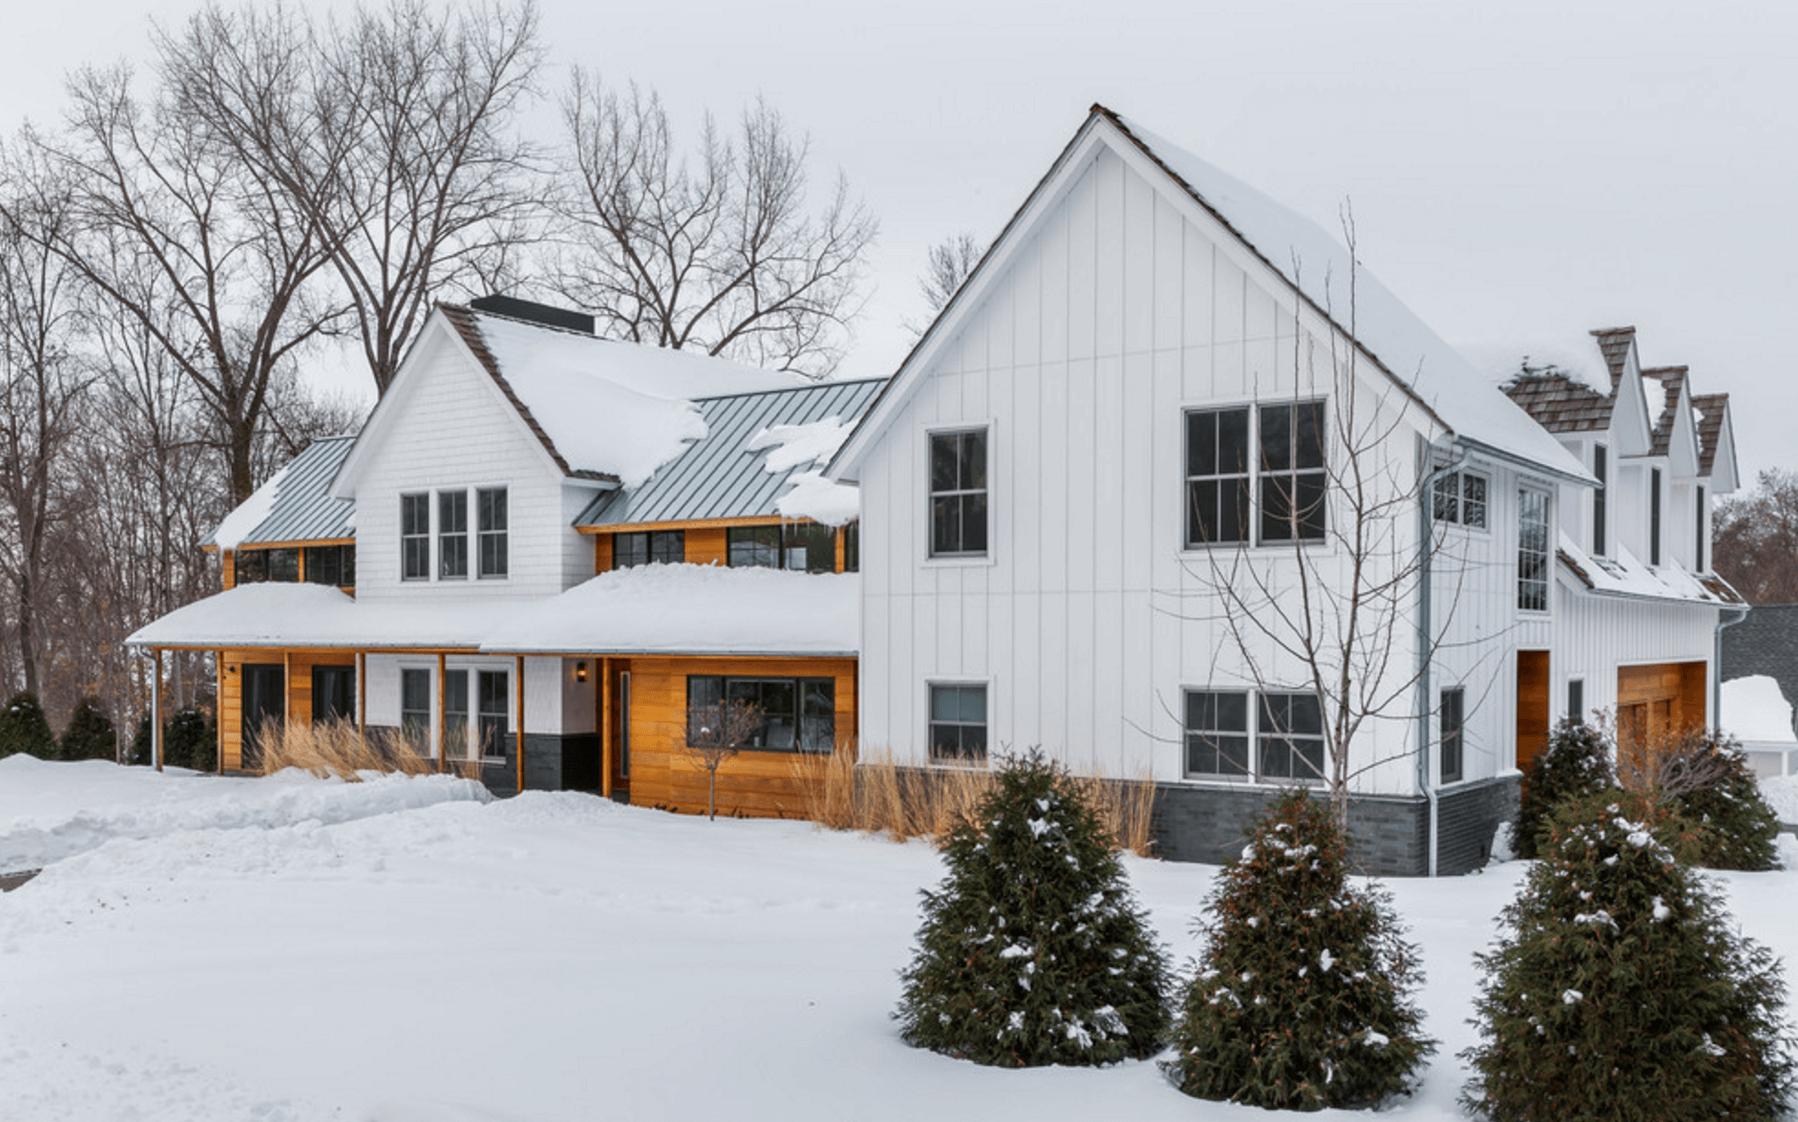 25 White Exterior Ideas for a Bright, Modern Home - Freshome.com